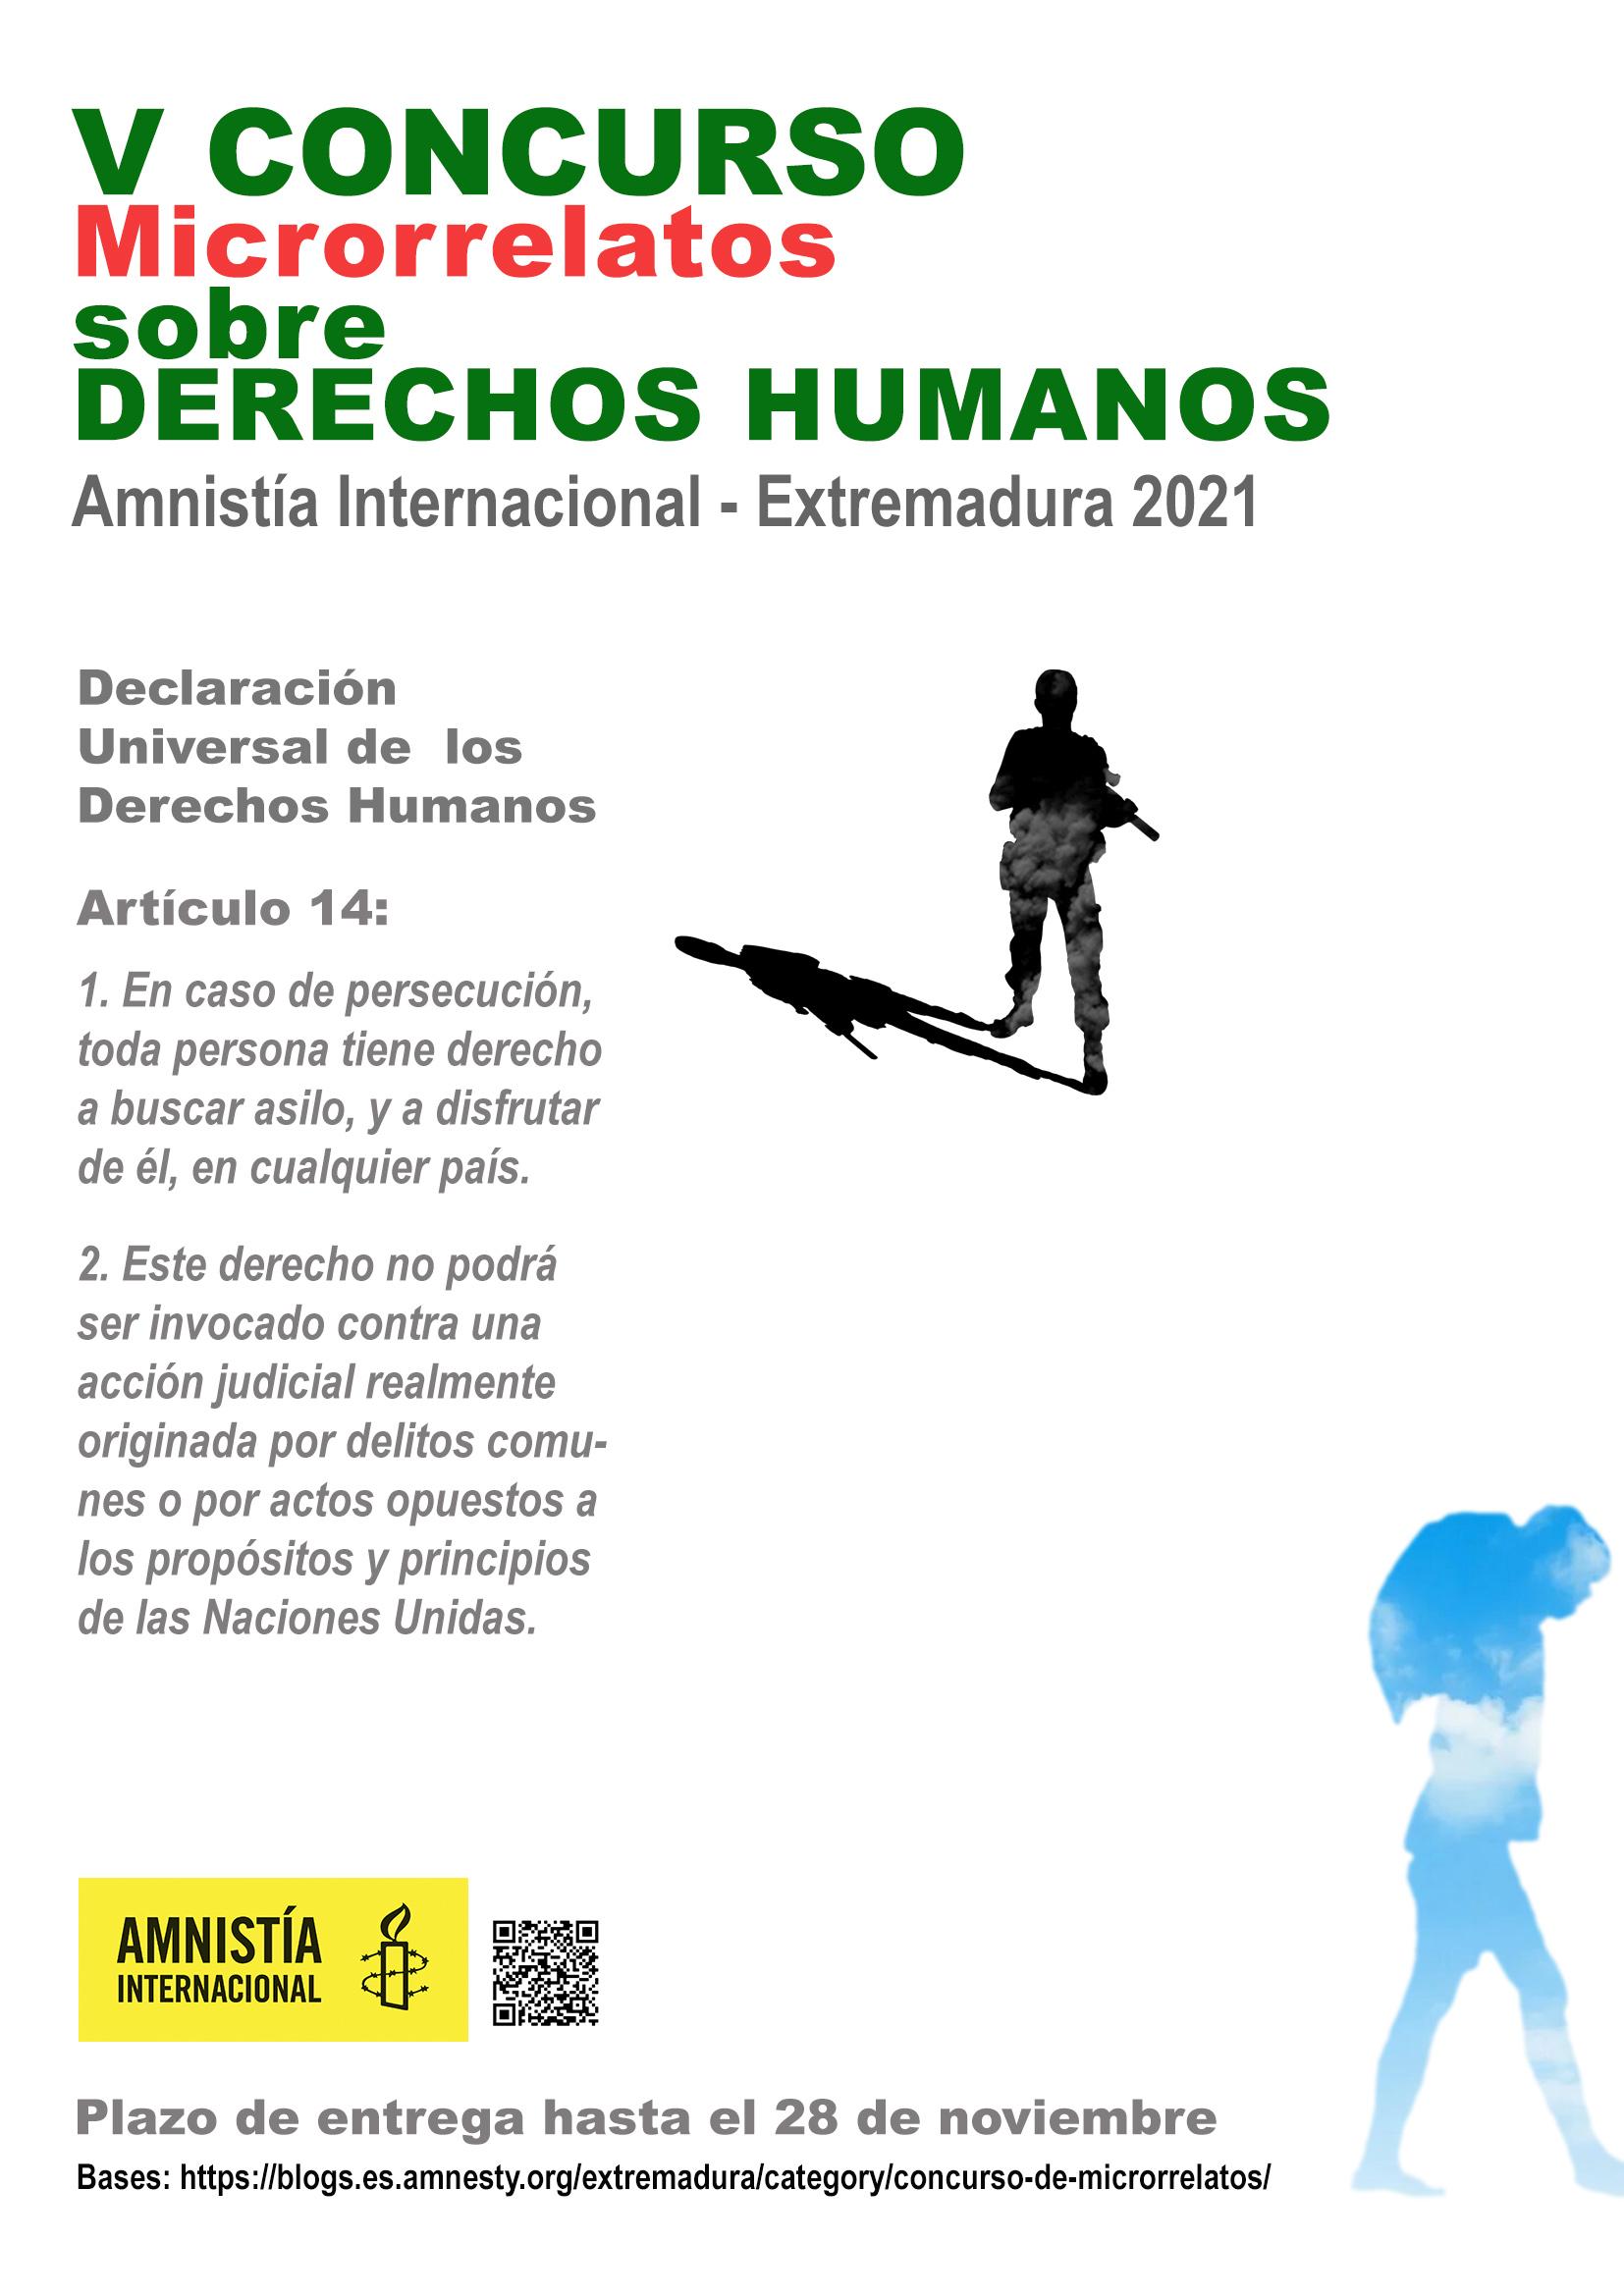 V CONCURSO DE MICRORRELATOS SOBRE DERECHOS HUMANOS DE  AMNISTÍA INTERNACIONAL EXTREMADURA (2021)